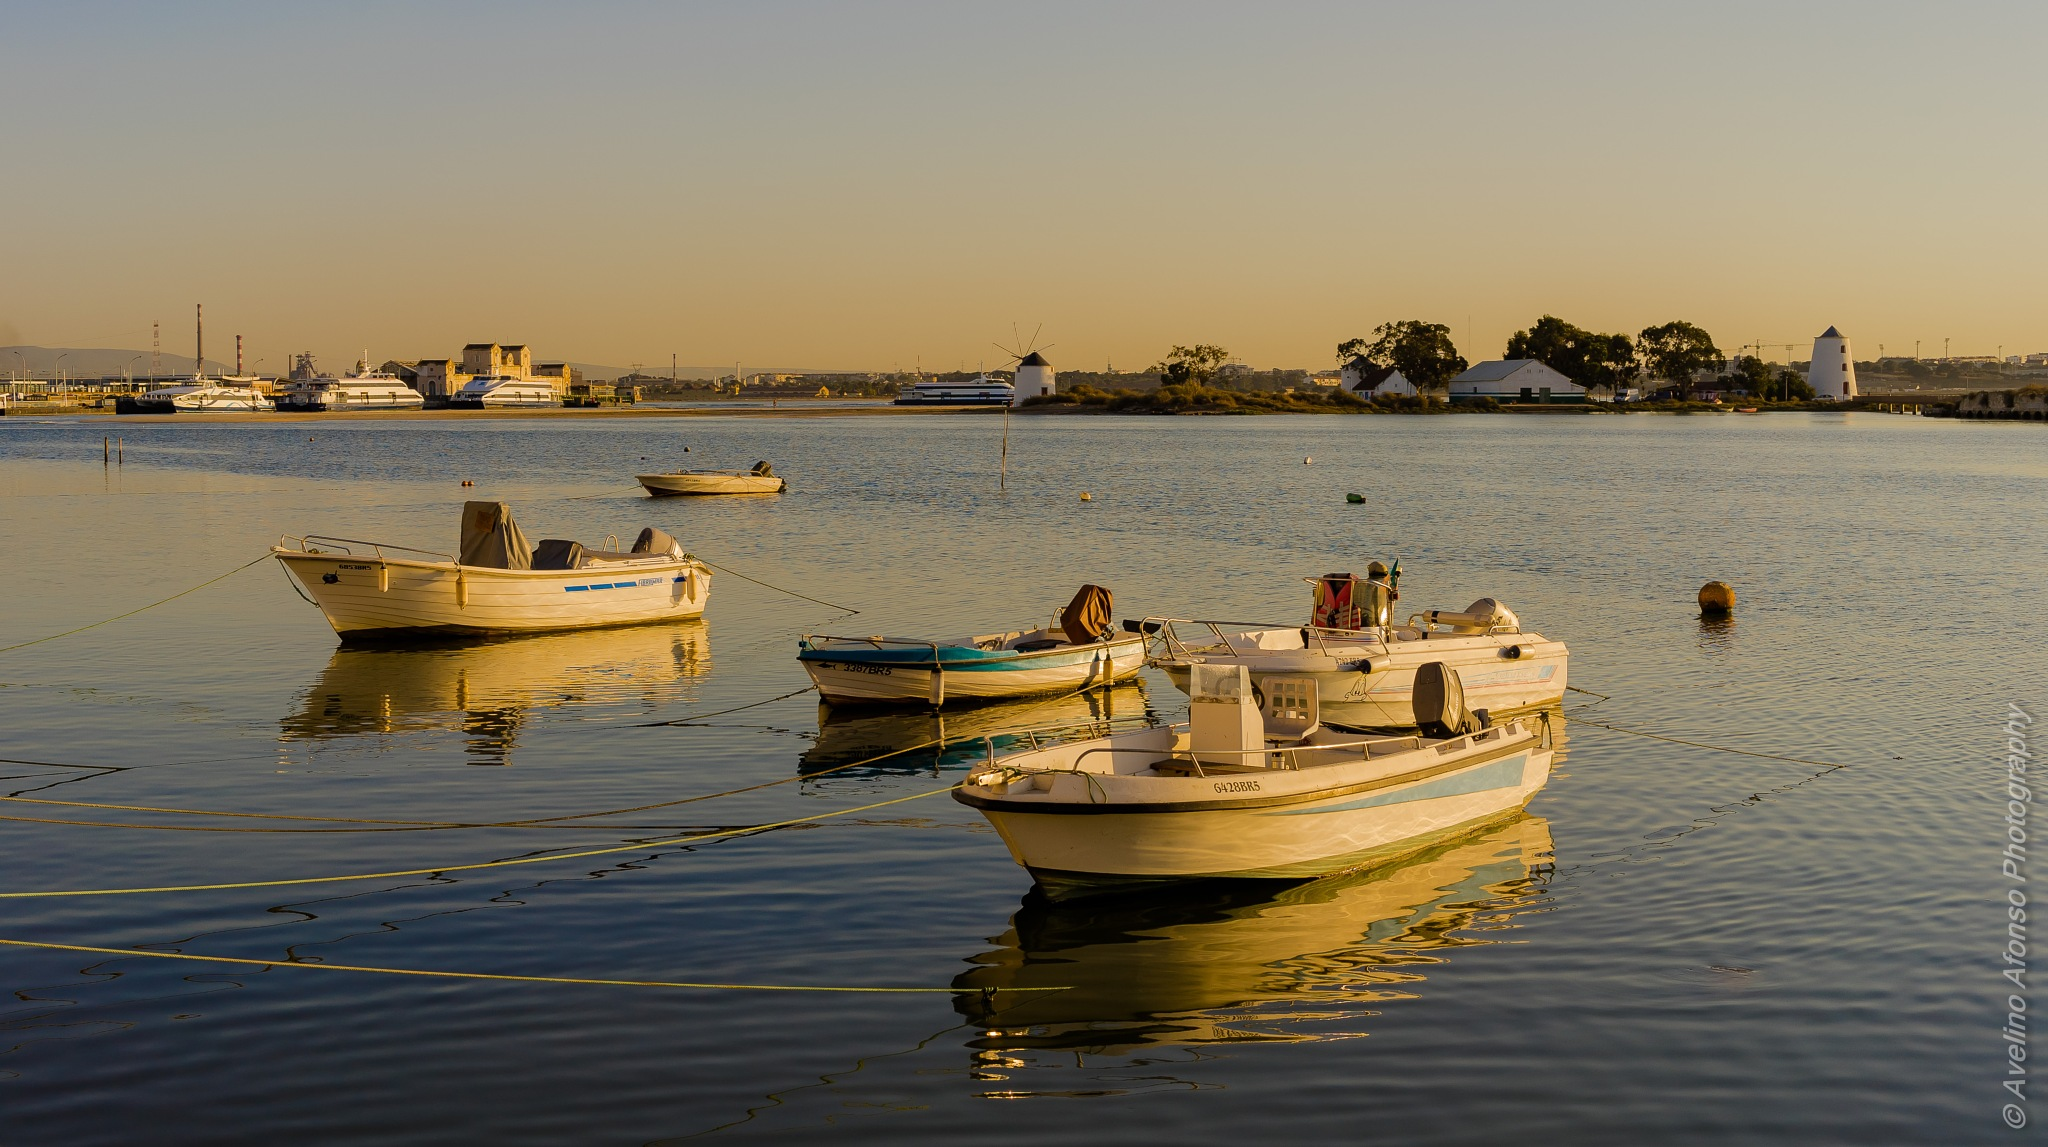 Fleet by Avelino Afonso